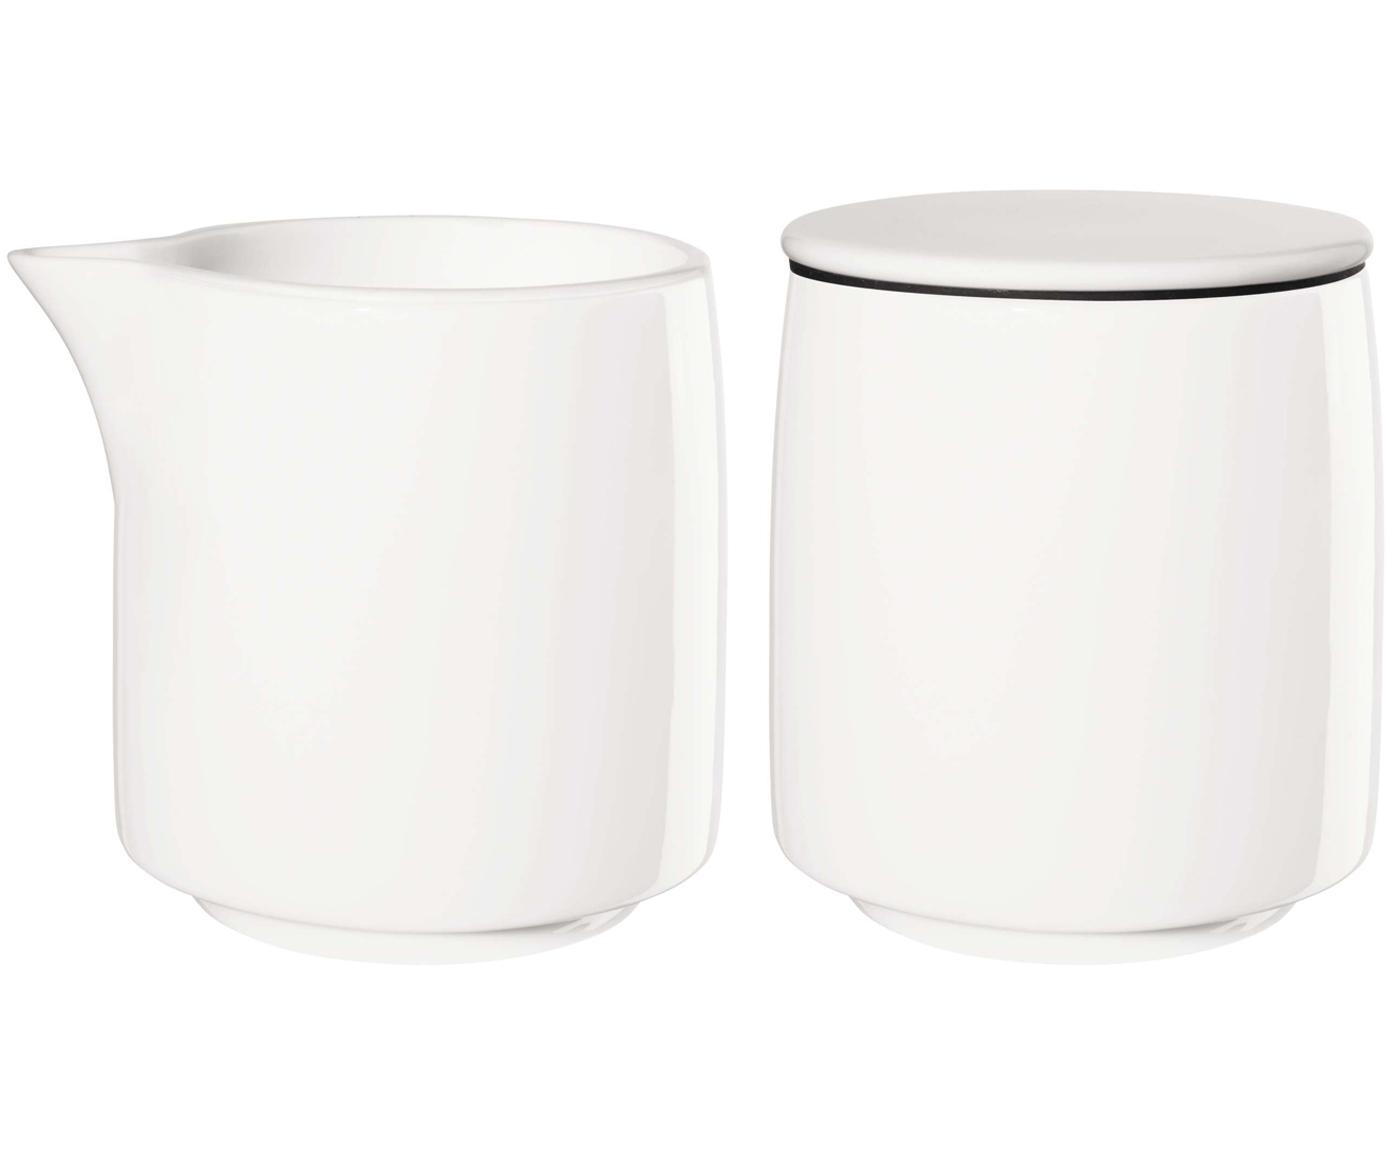 Milch- & Zucker-Set Safe, 2-tlg., Porzellan, Weiß, Schwarz, Ø 8 x H 8 cm